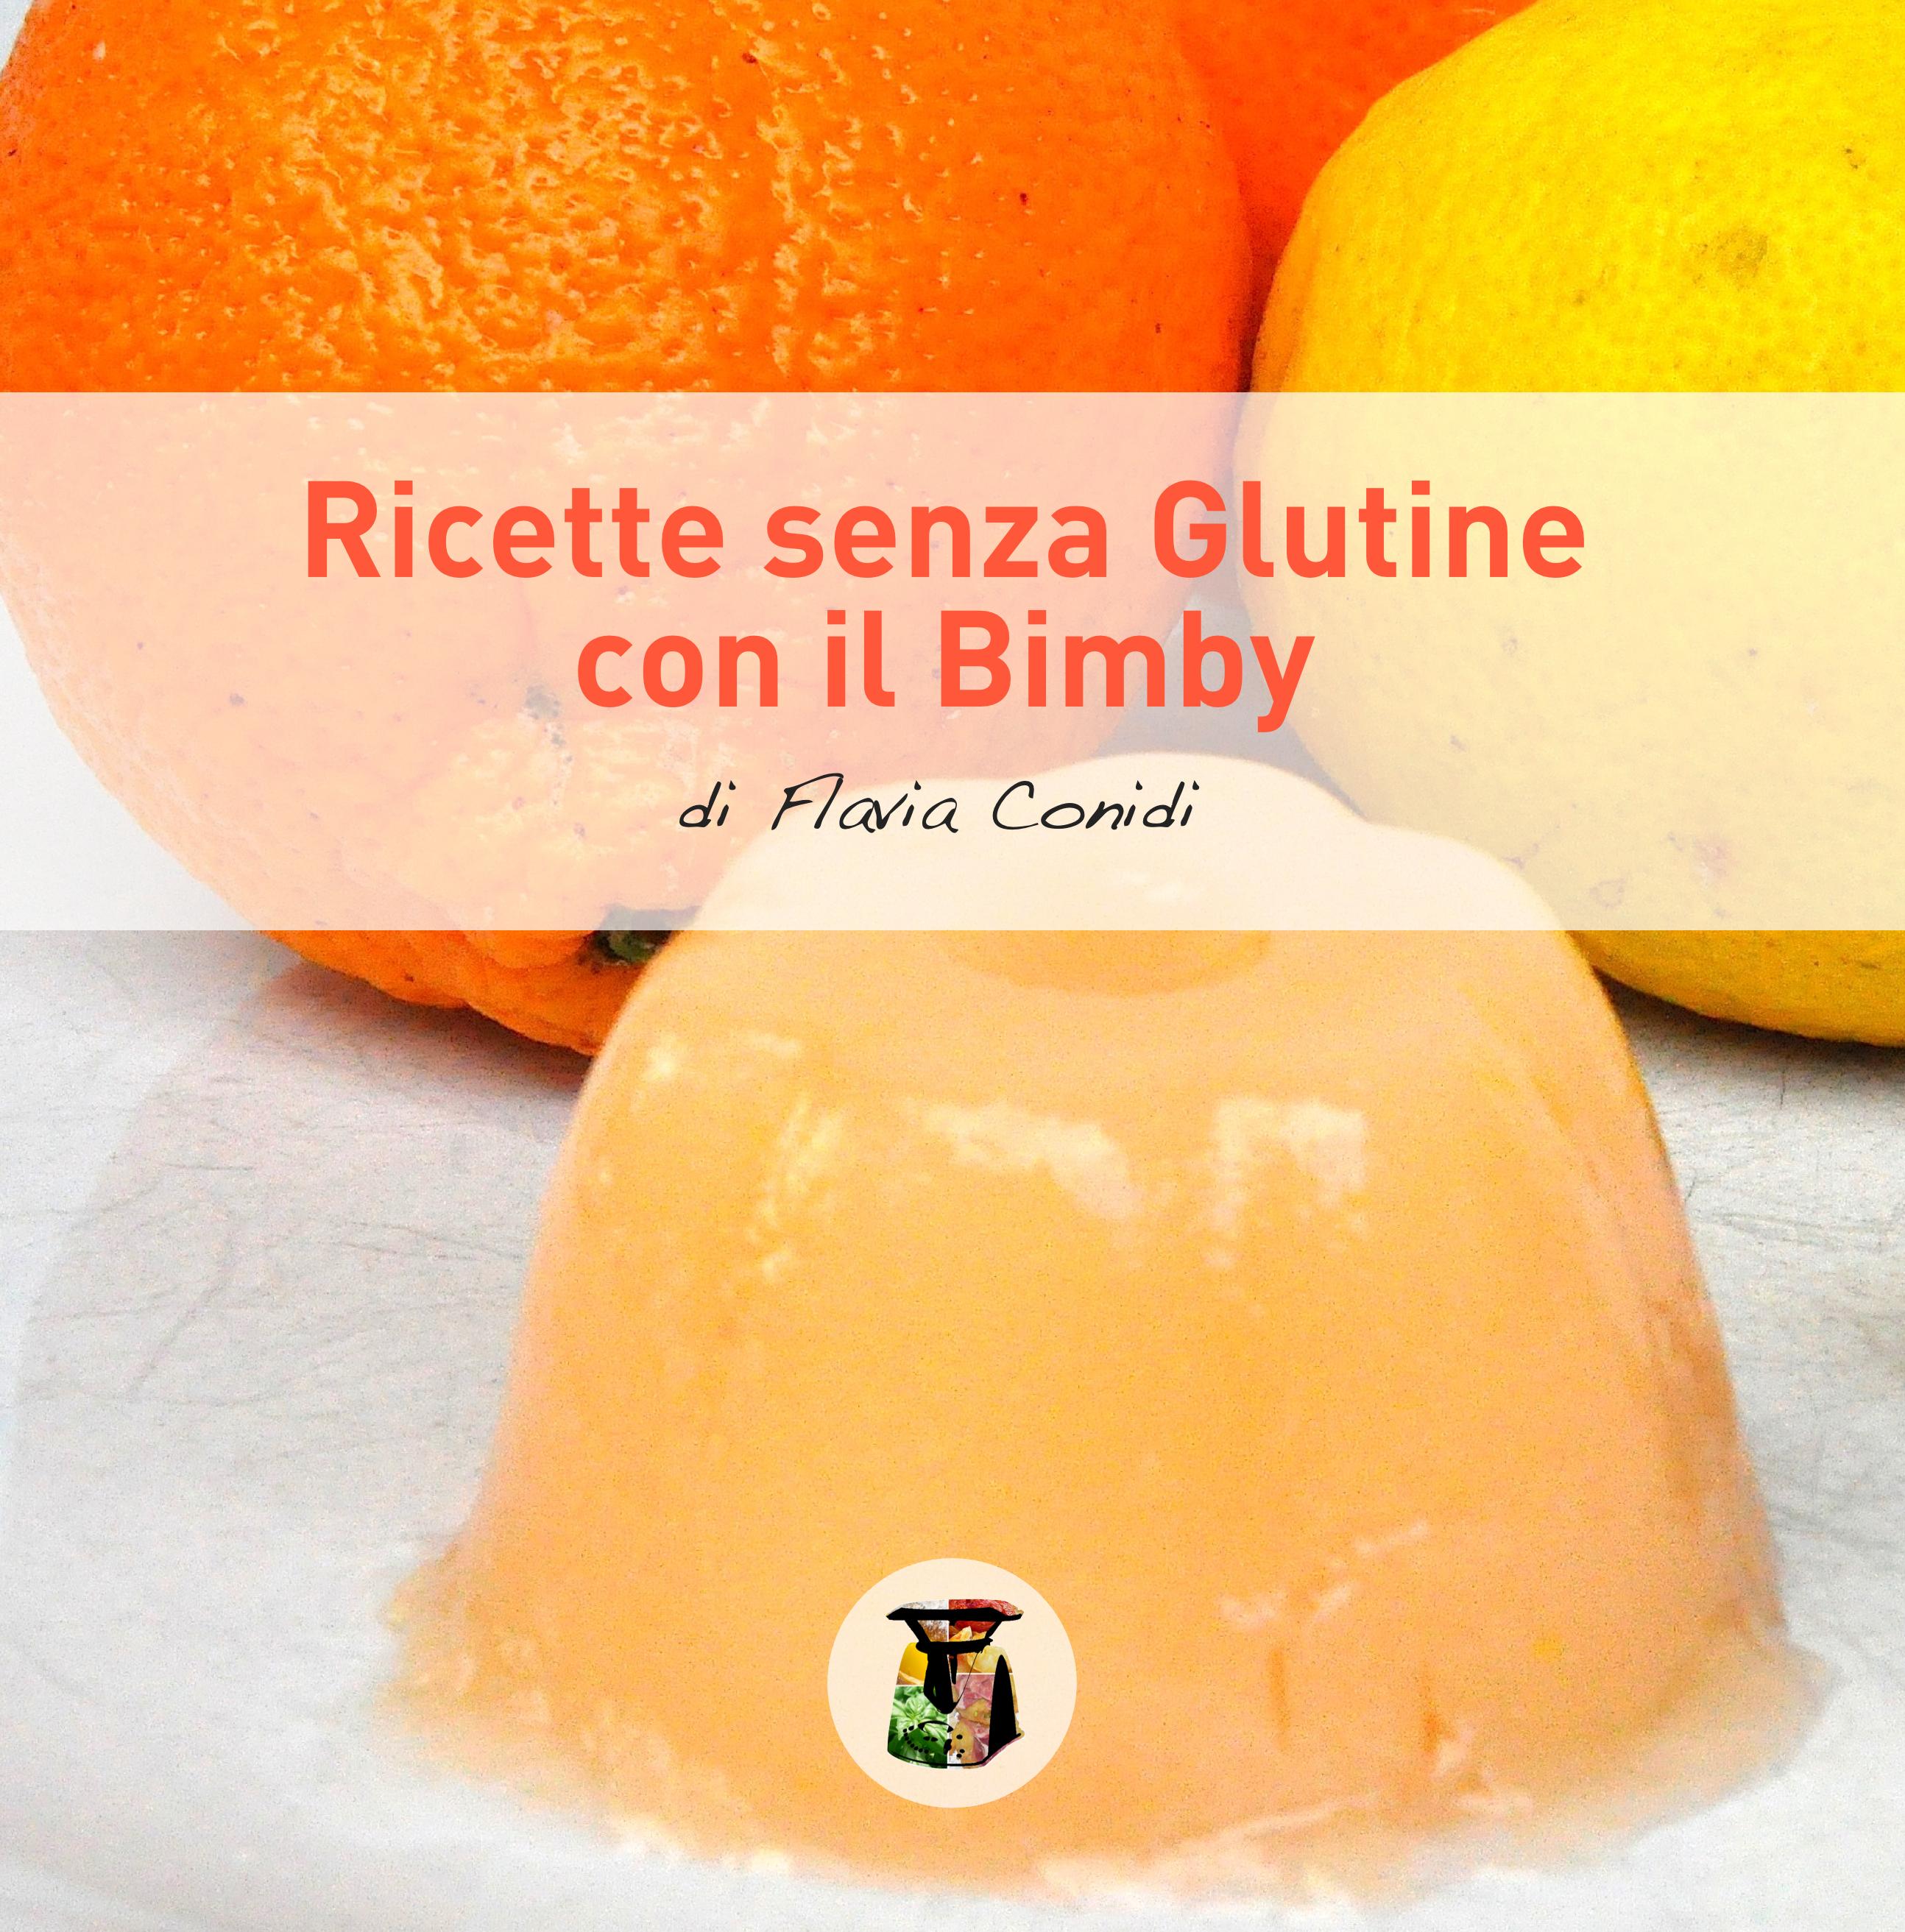 Ricette senza Glutine con il Bimby